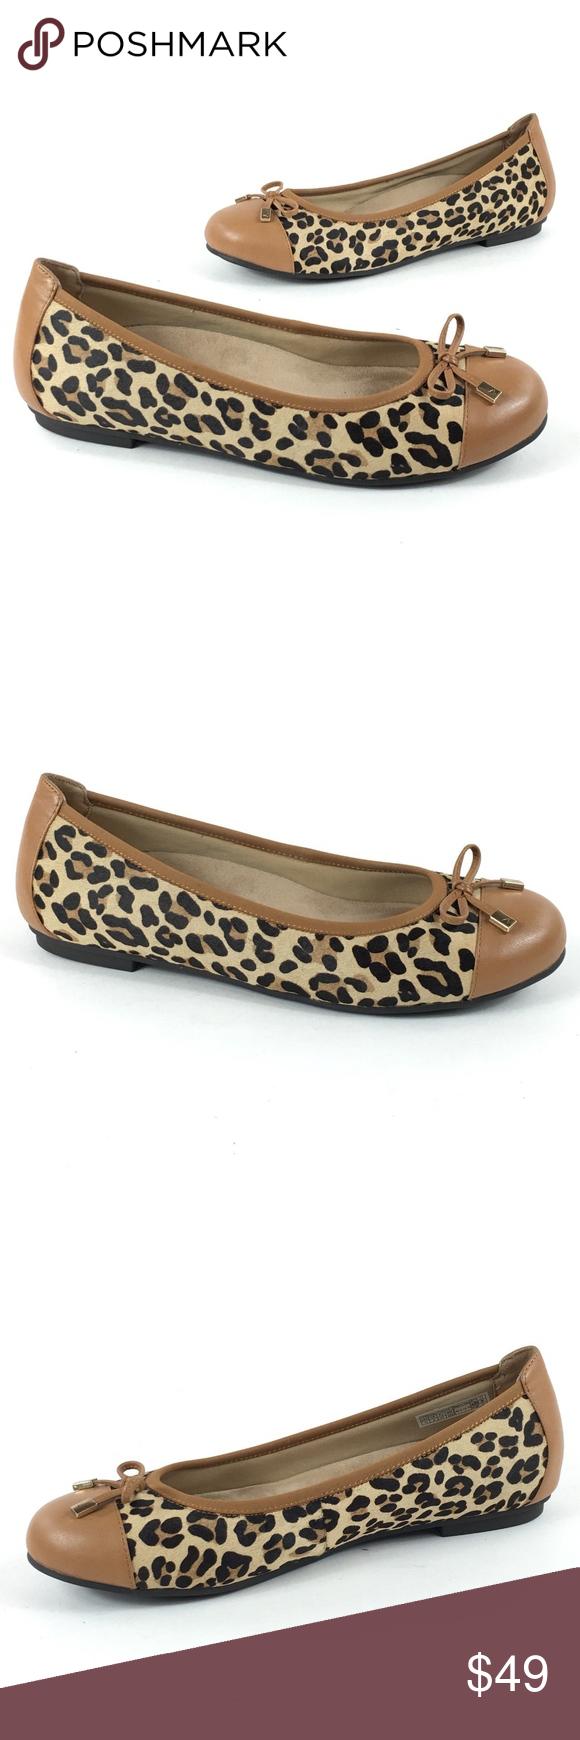 b26c227074f Vionic Minna Leopard Print Toe Cap Ballet Flats